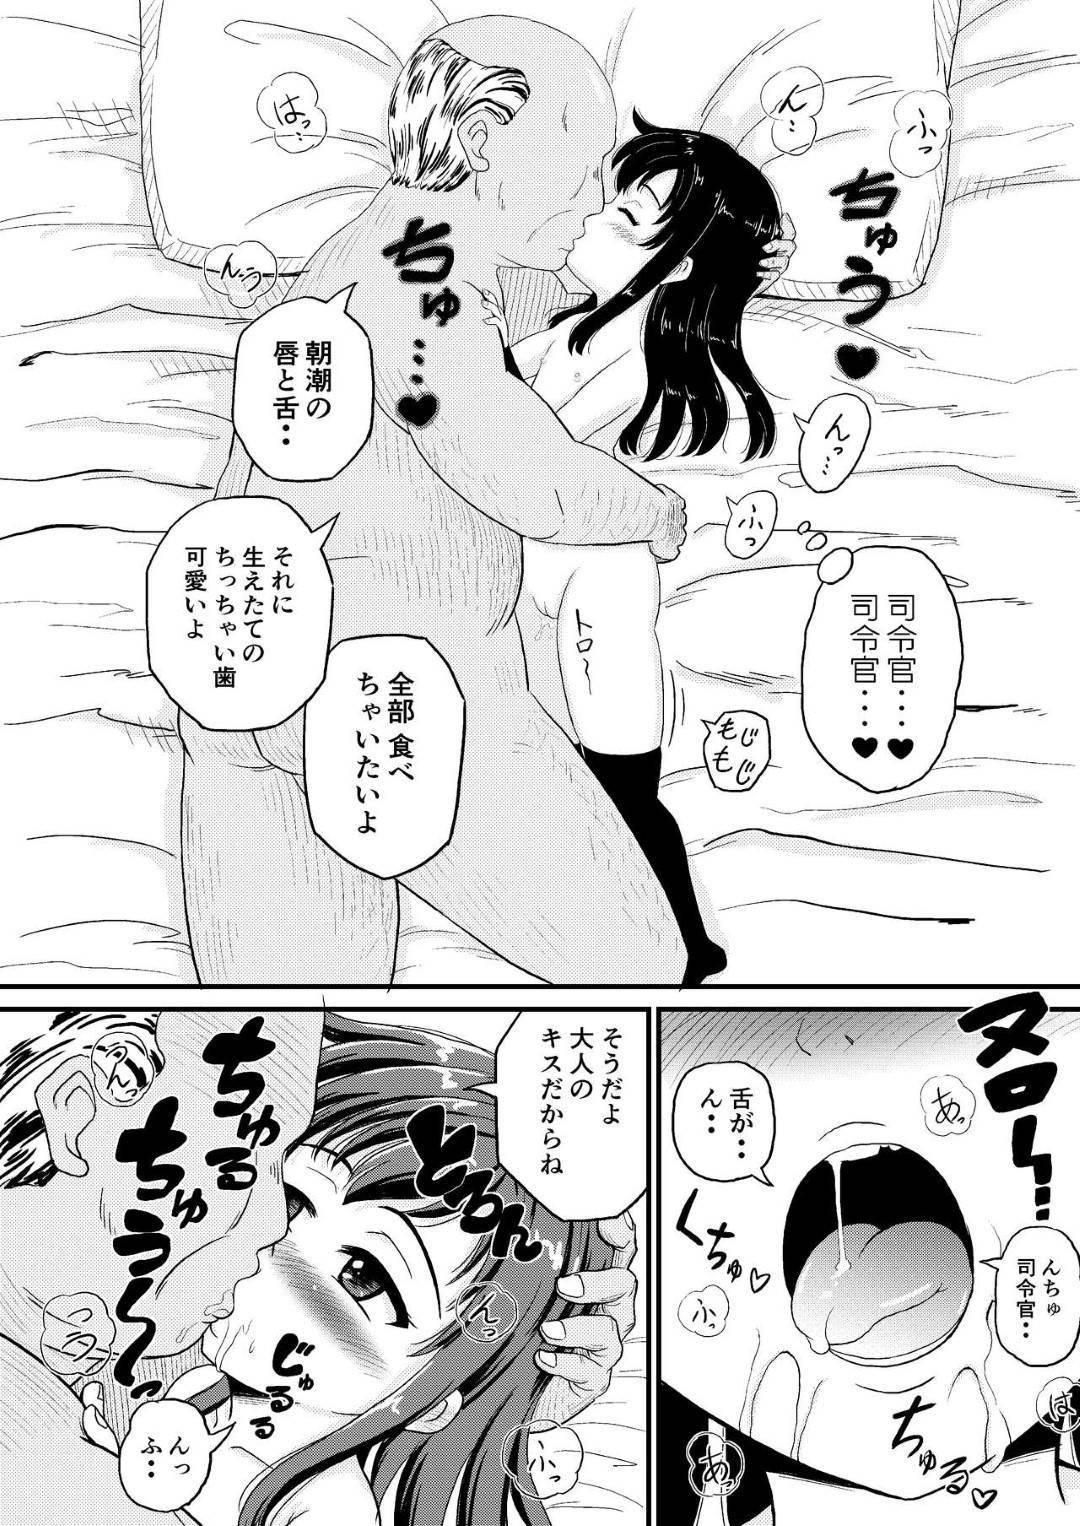 【エロ漫画】司令官の身体を使って保健体育を教わる少女...司令官とのセックス演習が気持ちよくて中出しセックスを毎日求める【ぼちぼちいこか:朝潮とぺろぺろいちゃラブちゅっちゅする本】